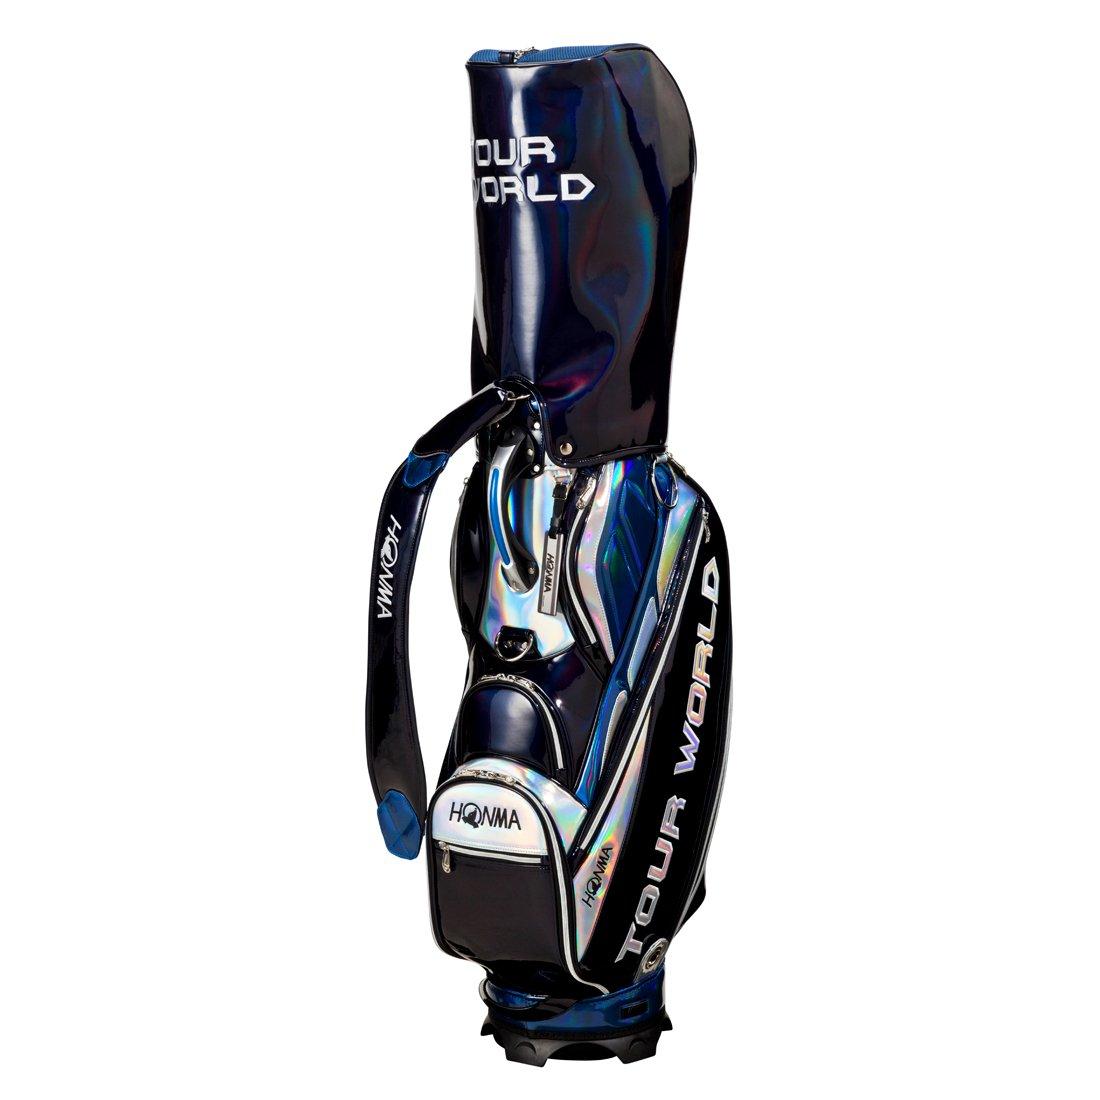 本間ゴルフ キャディーバッグ TOUR WORLD メンズ キャディバッグ 9型 47インチ対応 ブルー スポーツデザイン CB-1735 ブルー B0749G6HWZ